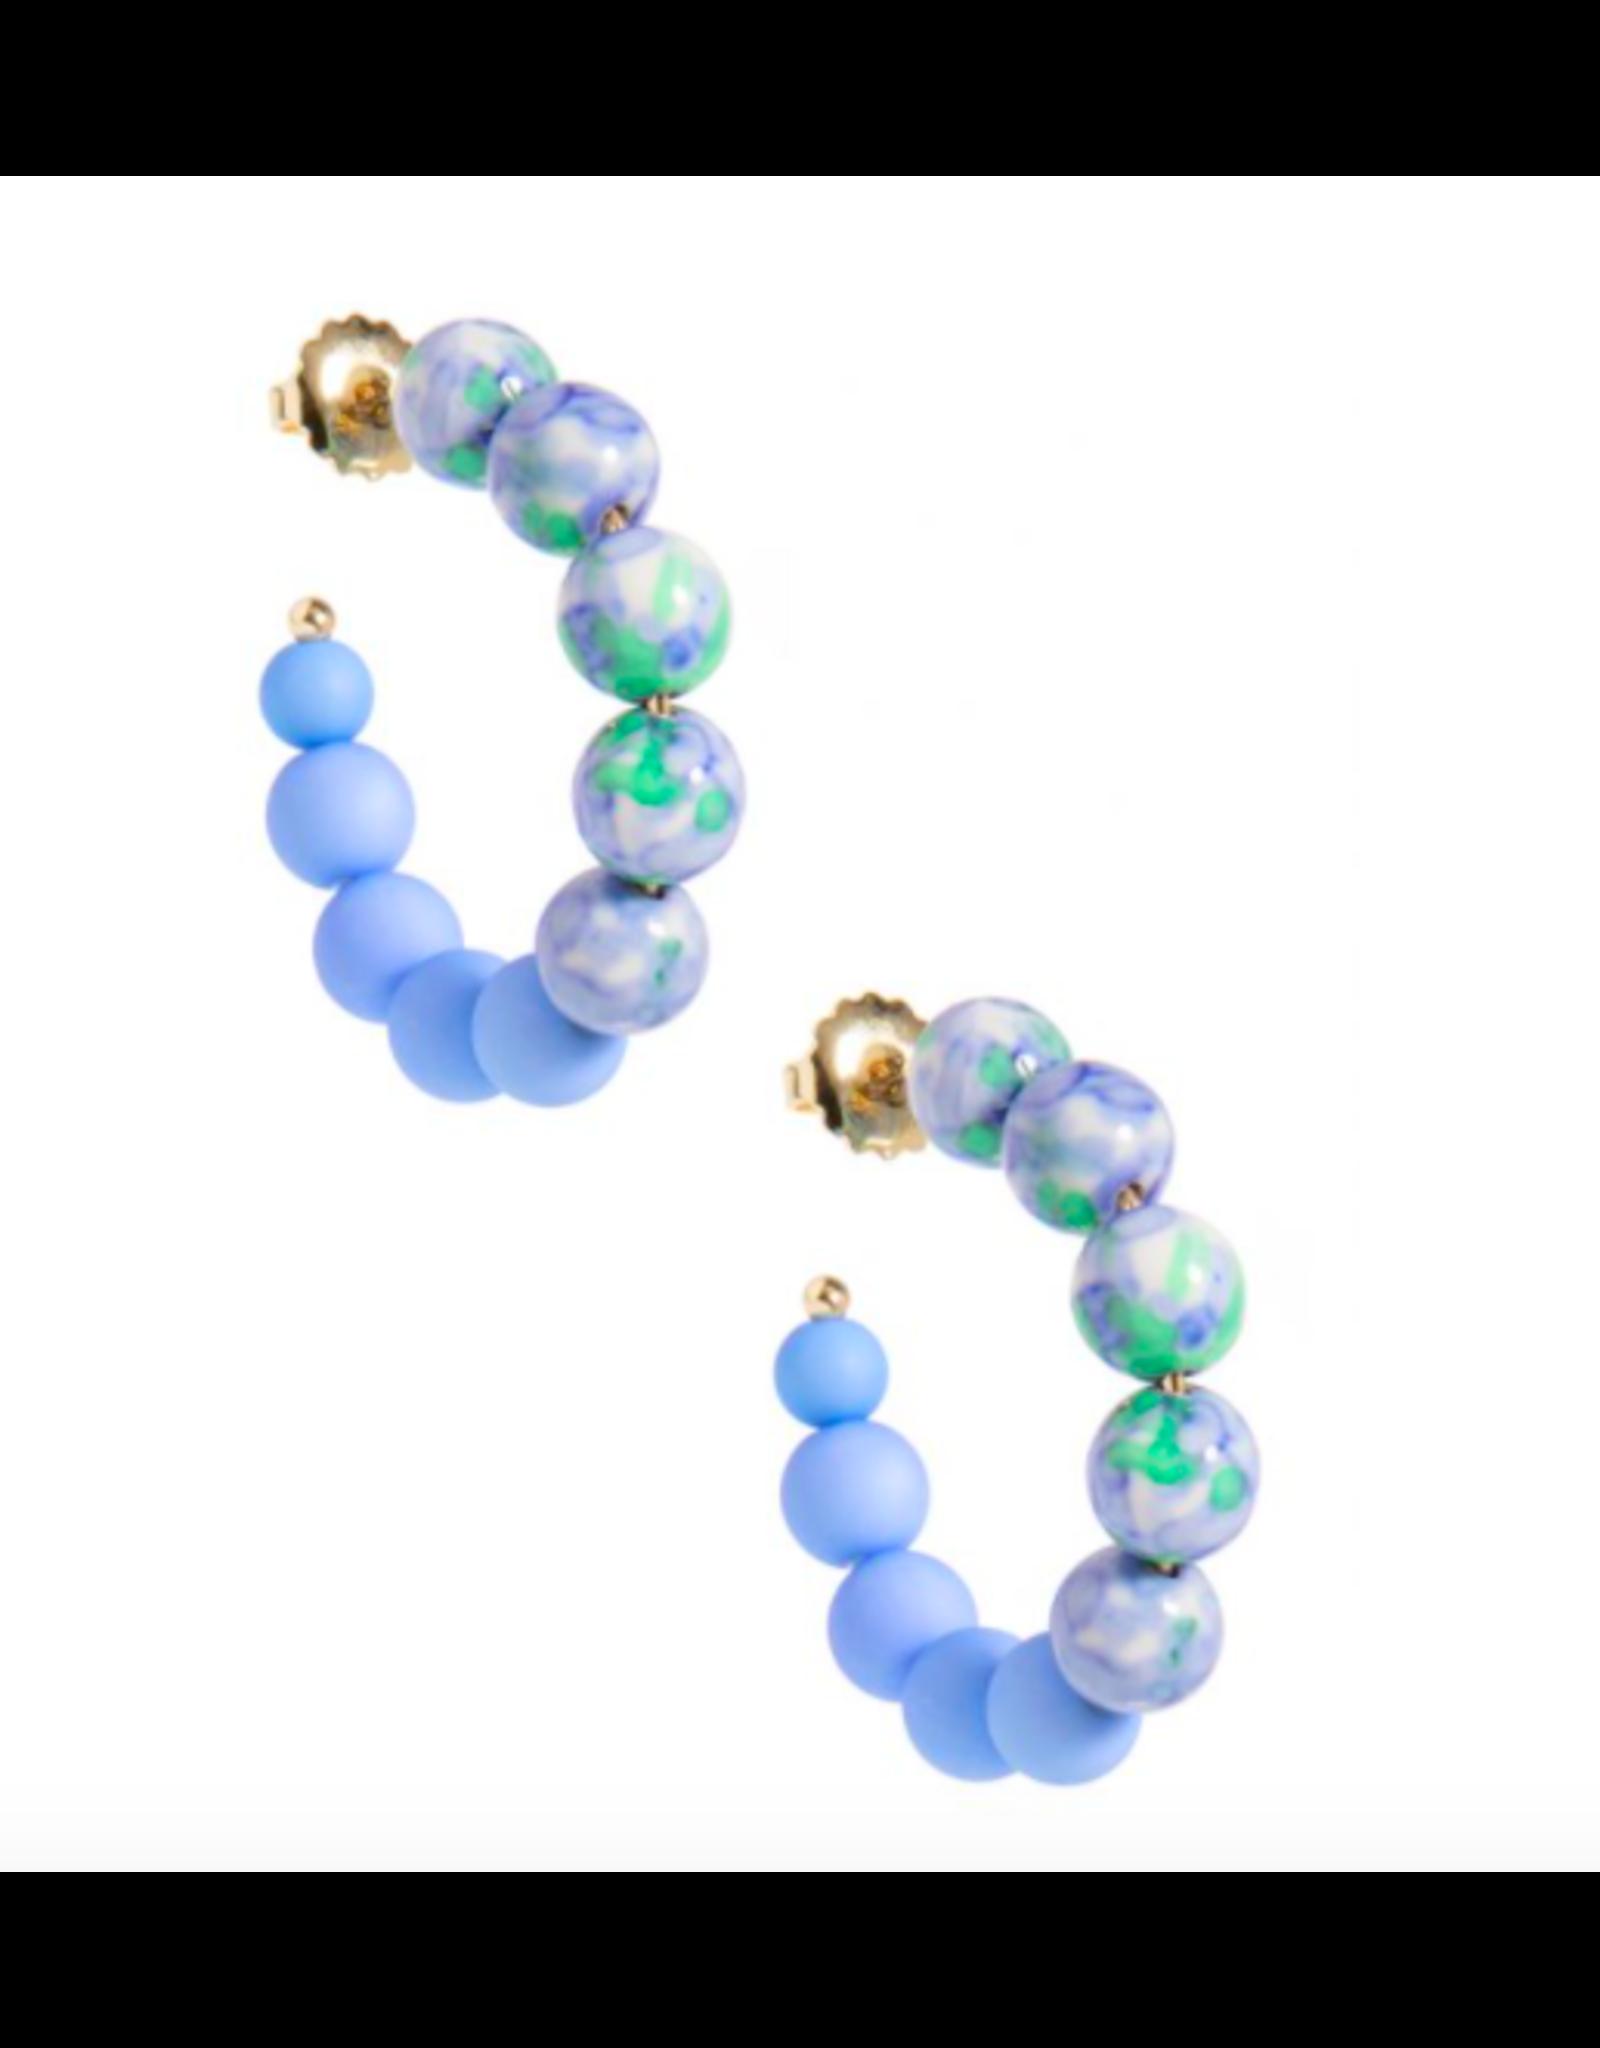 Zenzii Mixed Beads Small Hoop in Light Blue